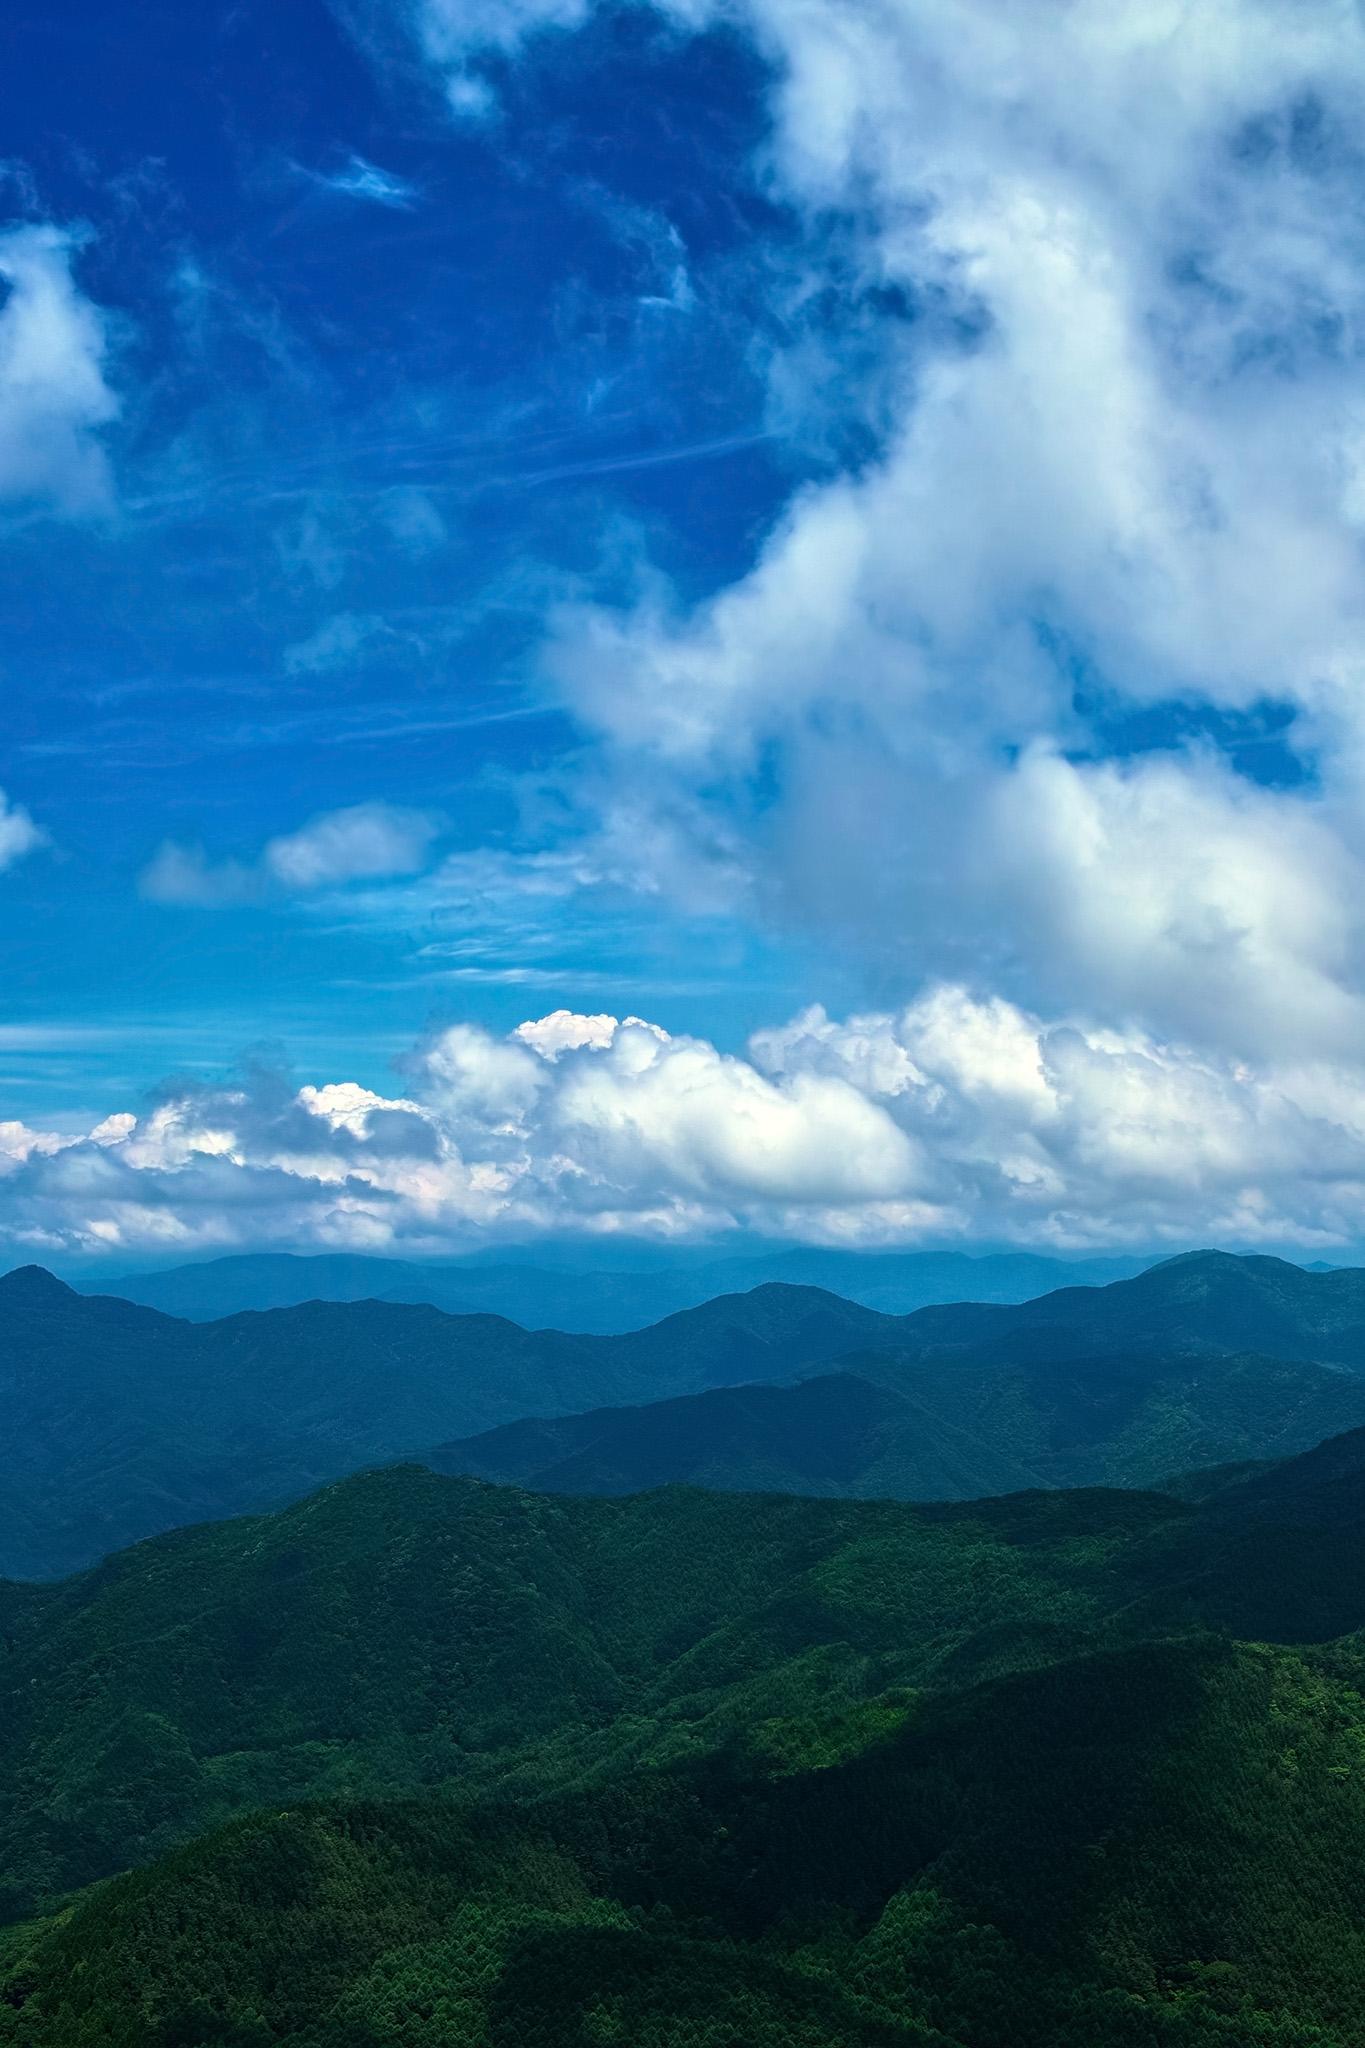 「雲の影を落とす夏山」